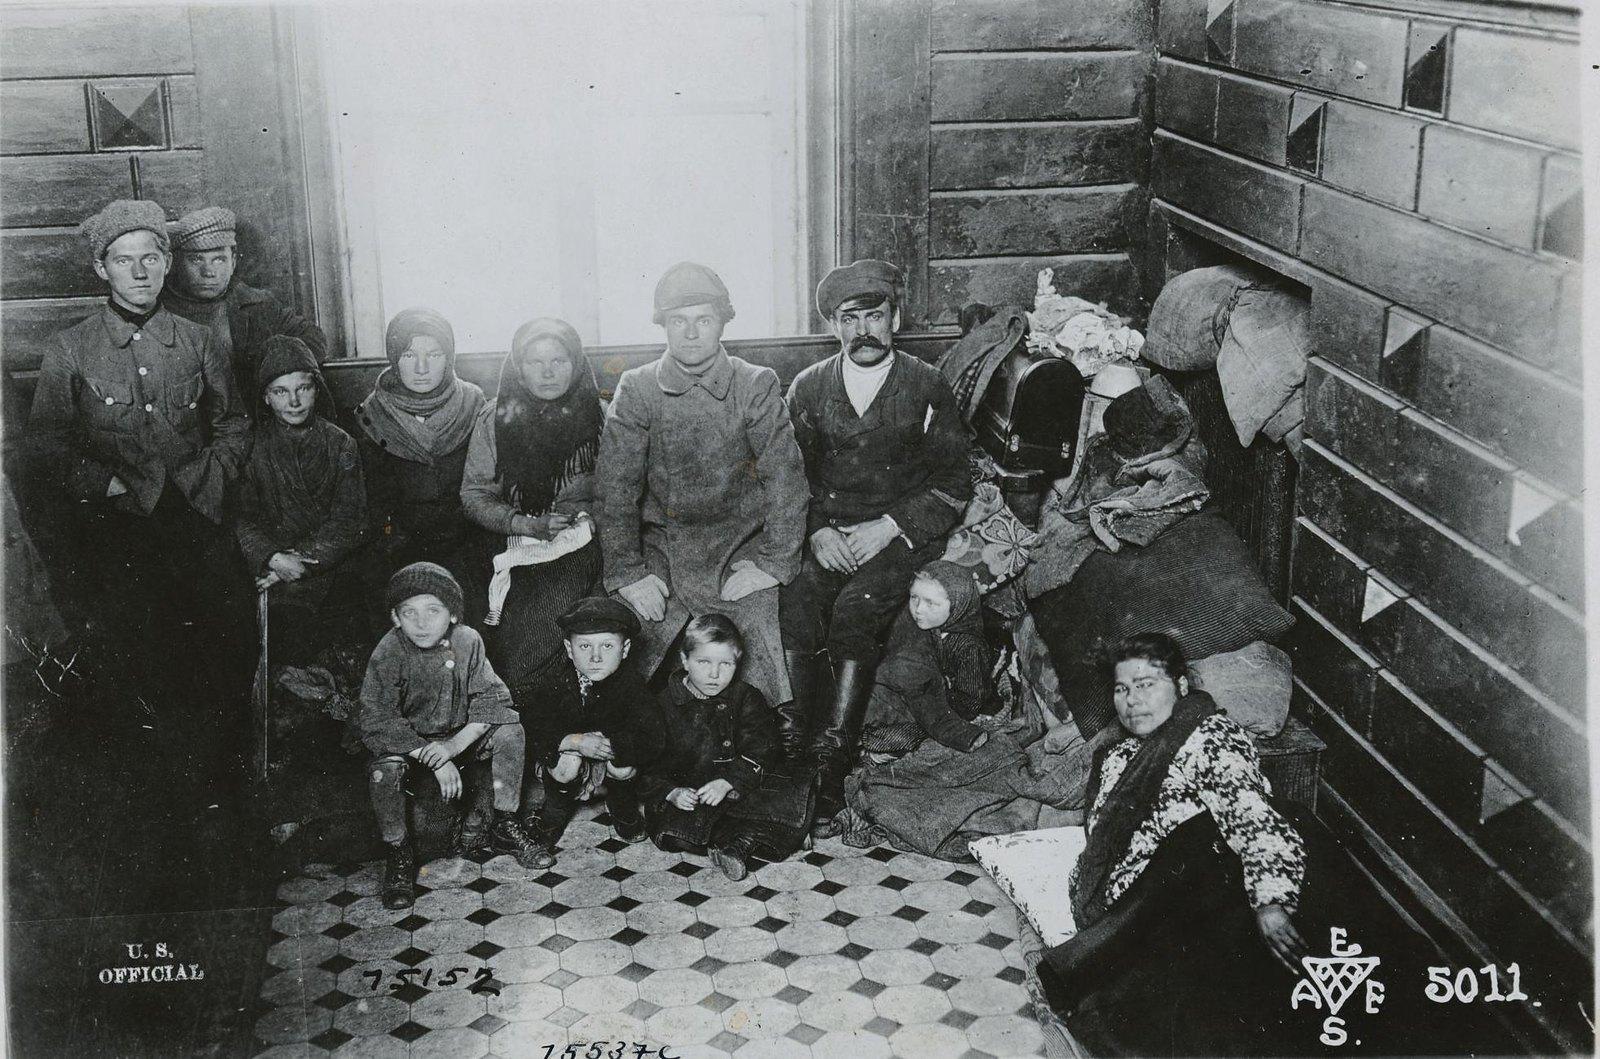 06. 1919.  Владивосток. Семья беженцев, которые в течение двух недель жили на ступенях железнодорожной станции